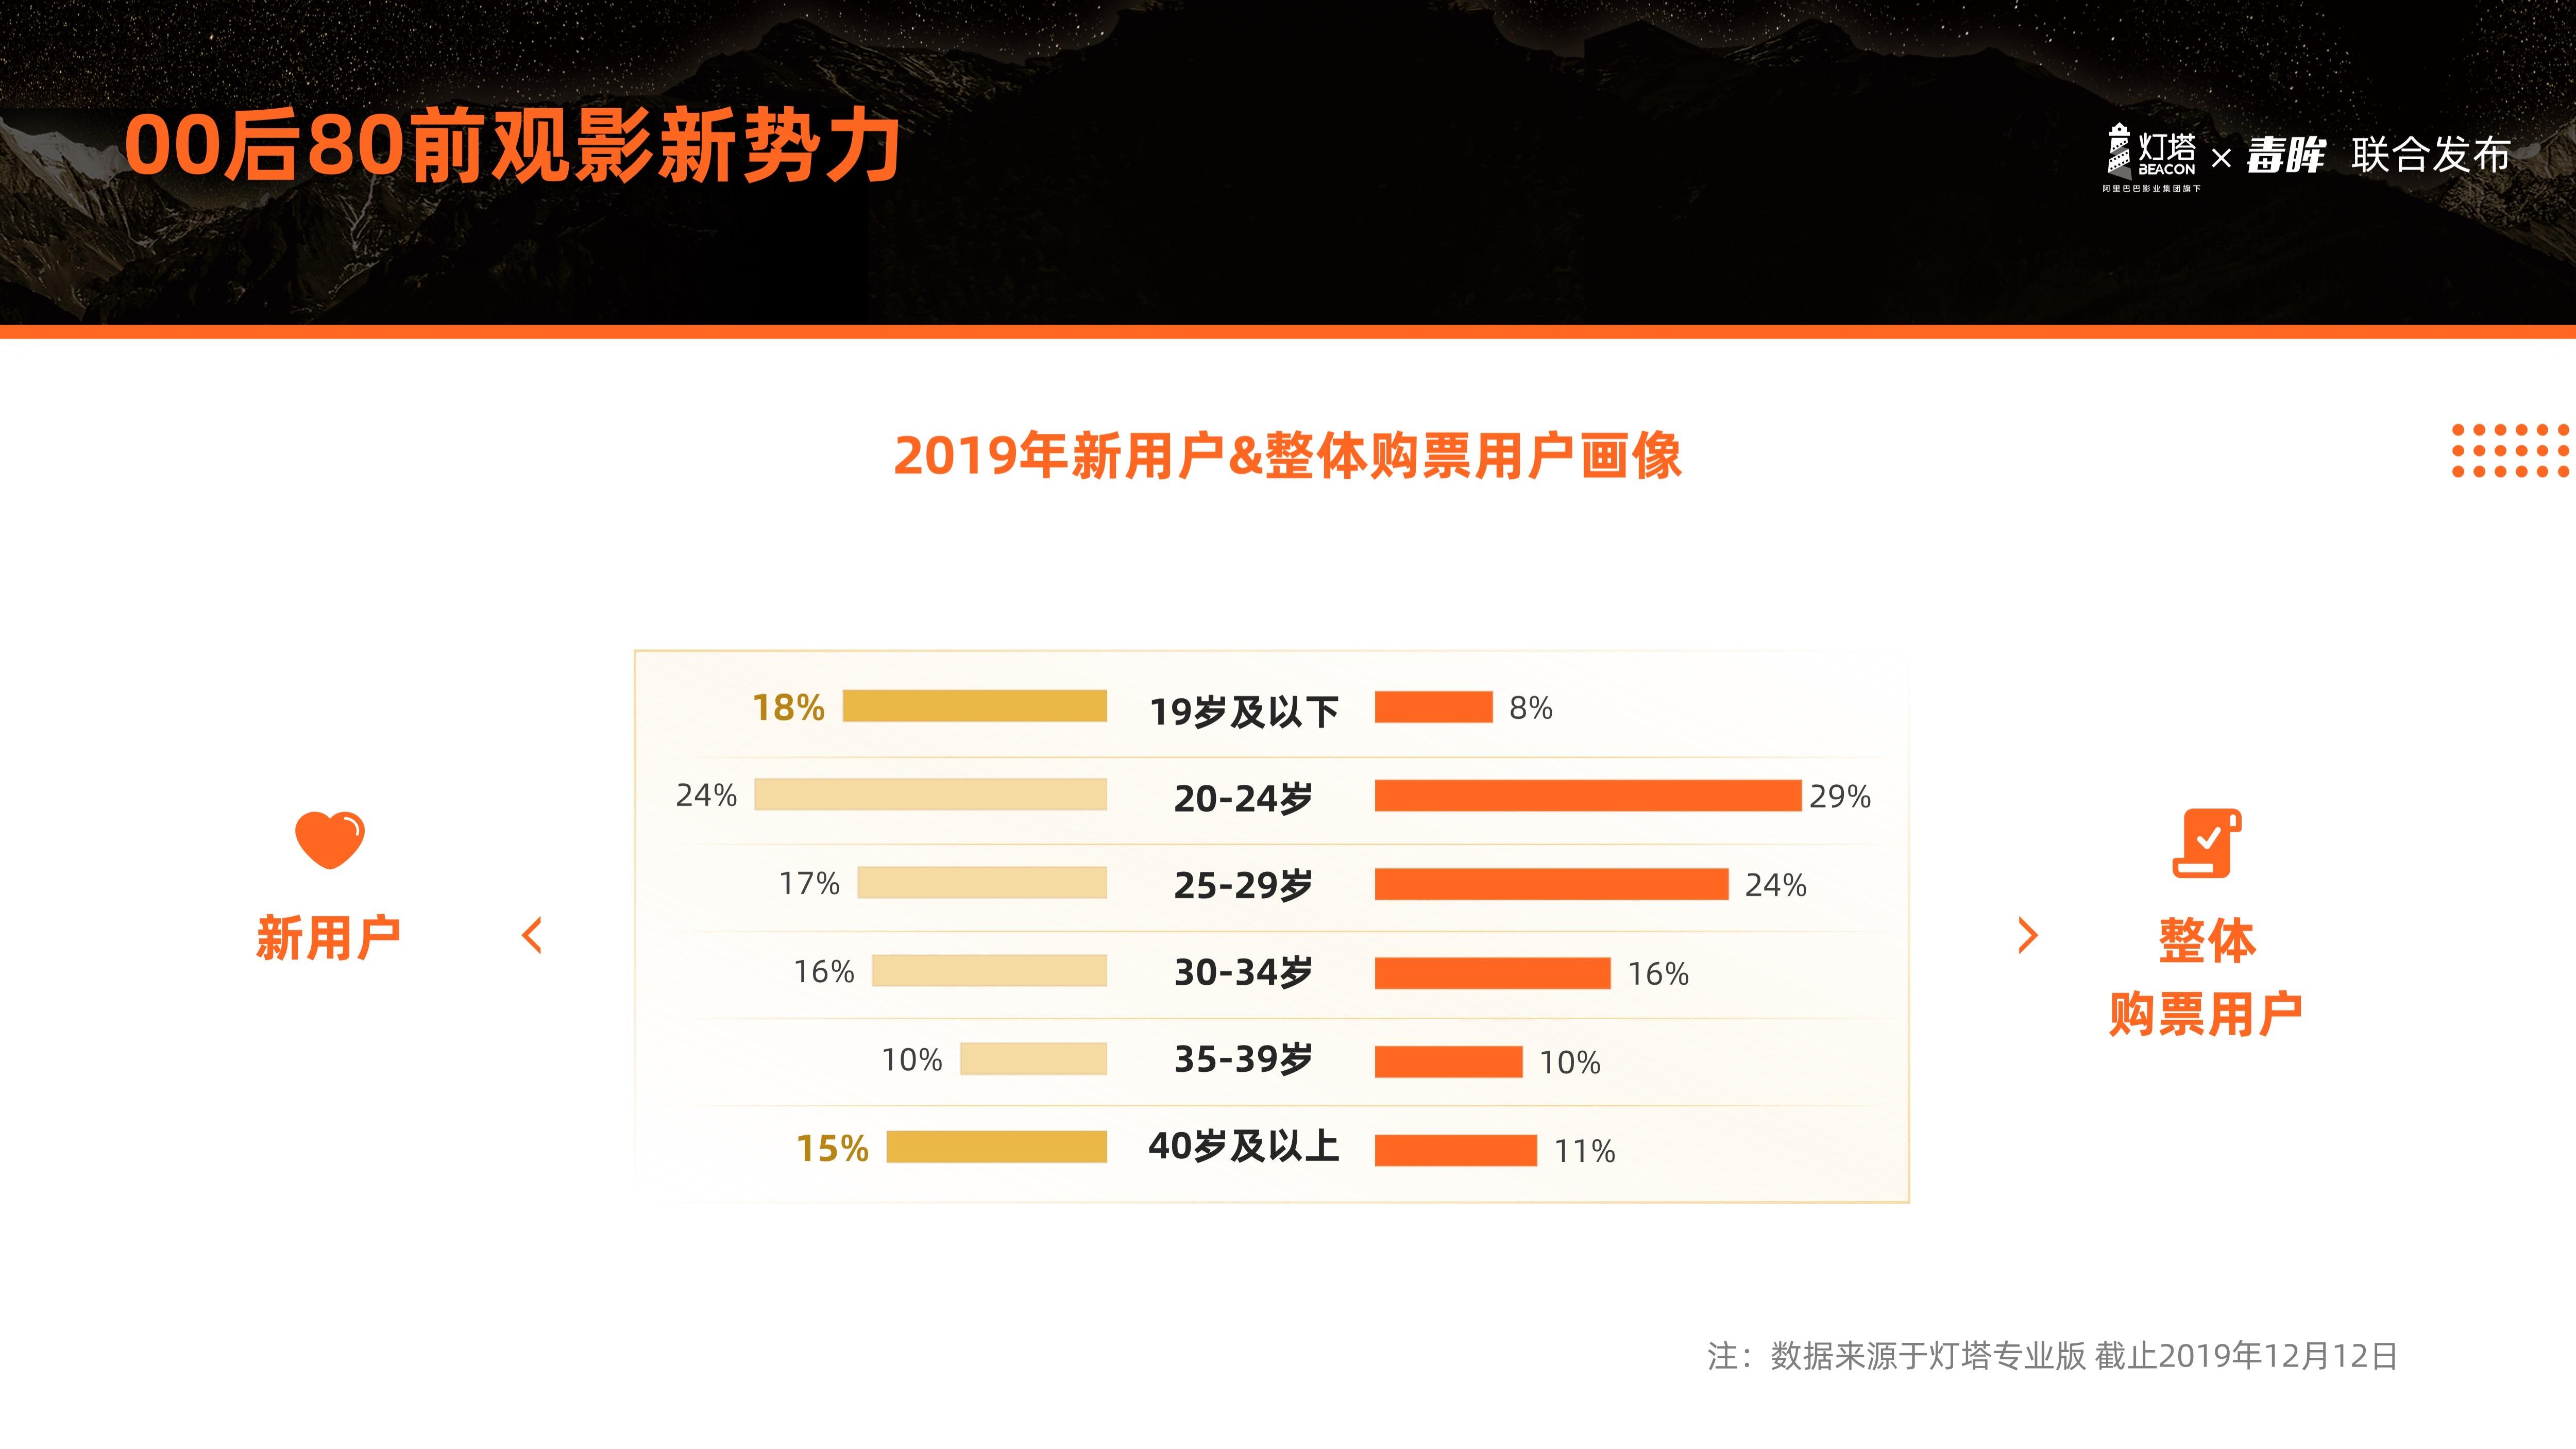 灯塔数据:2019年中国电影市场新增用户00后占比为18%